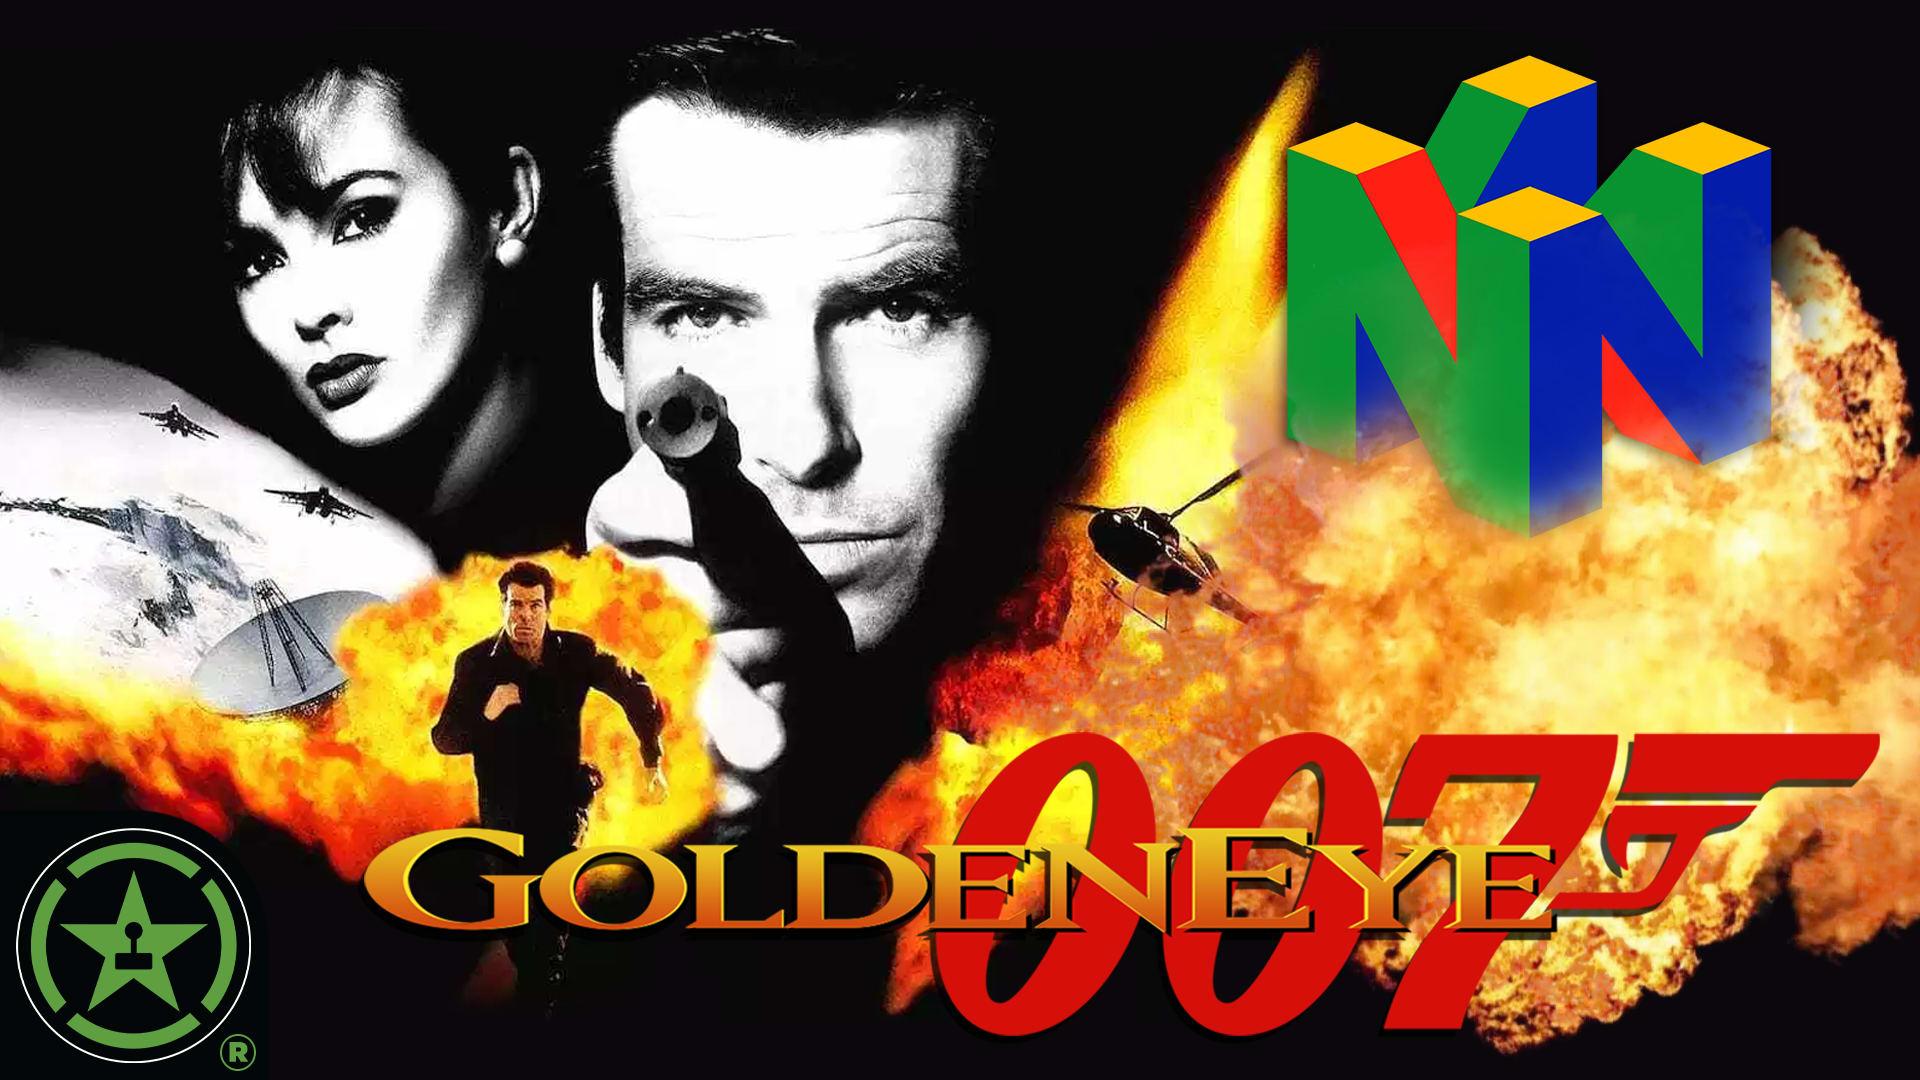 It's 1997 Again! - Goldeneye 007 (N64 Gameplay) - Rooster Teeth